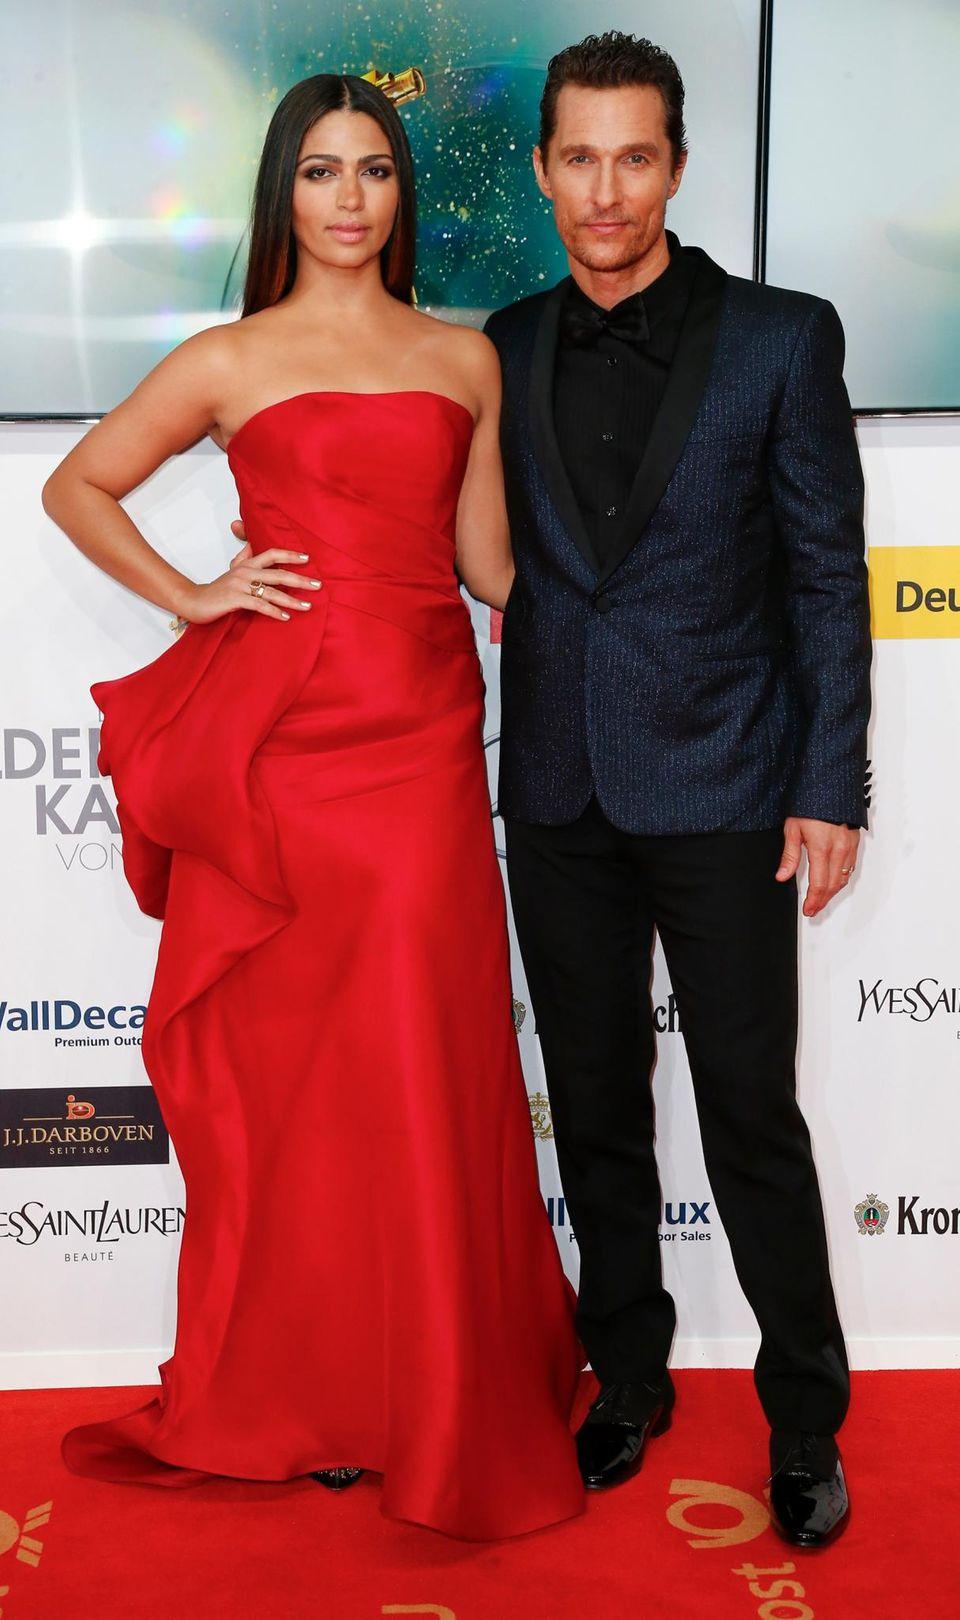 Matthew McConaughey, der als bester internationaler Künstler ausgezeichnet wird, kommt mit seiner Frau Camila Alves.